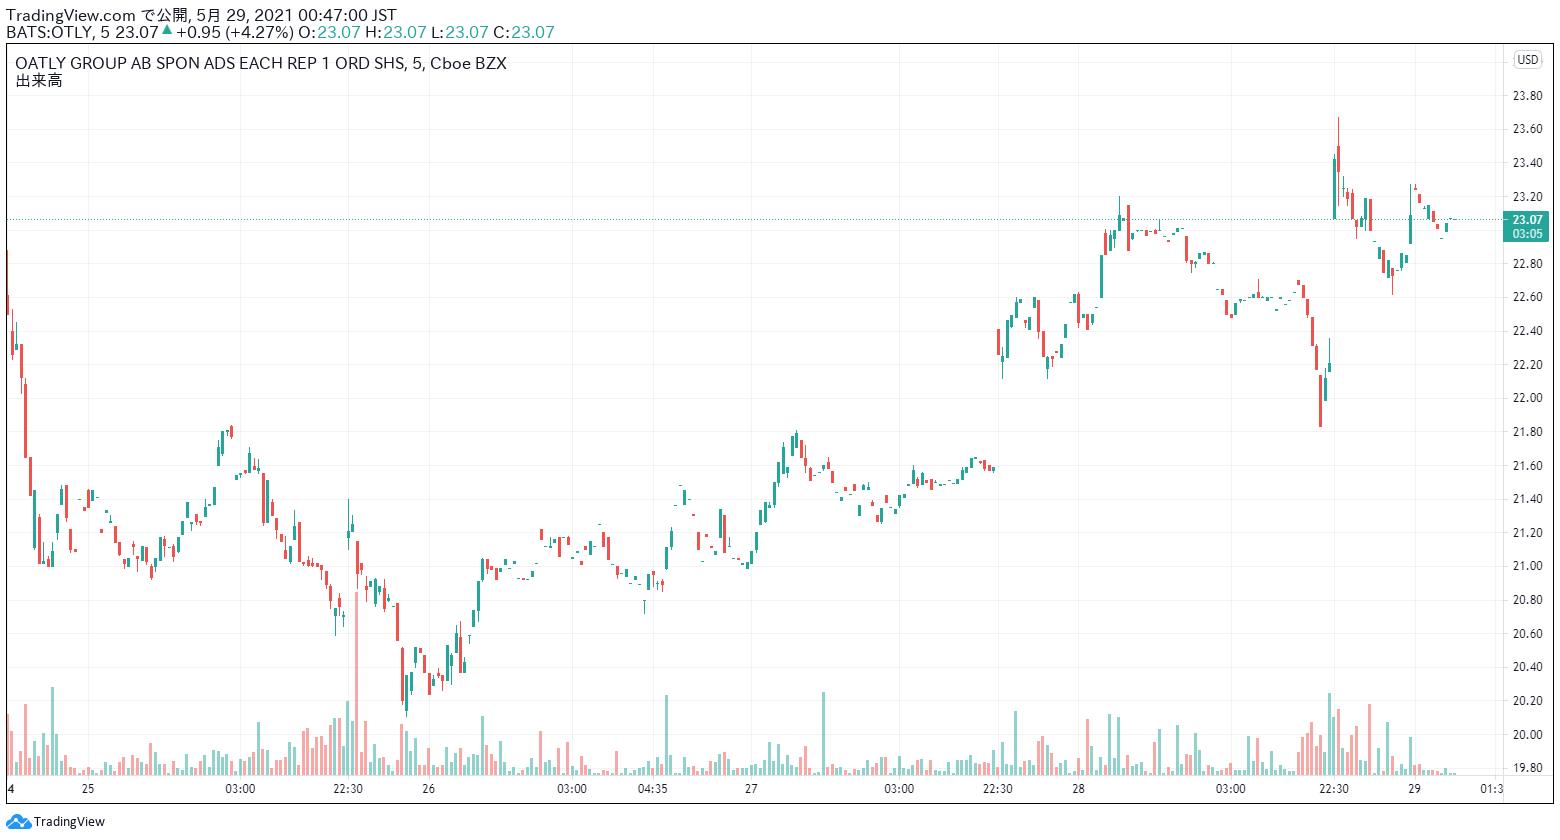 OATLY 株価